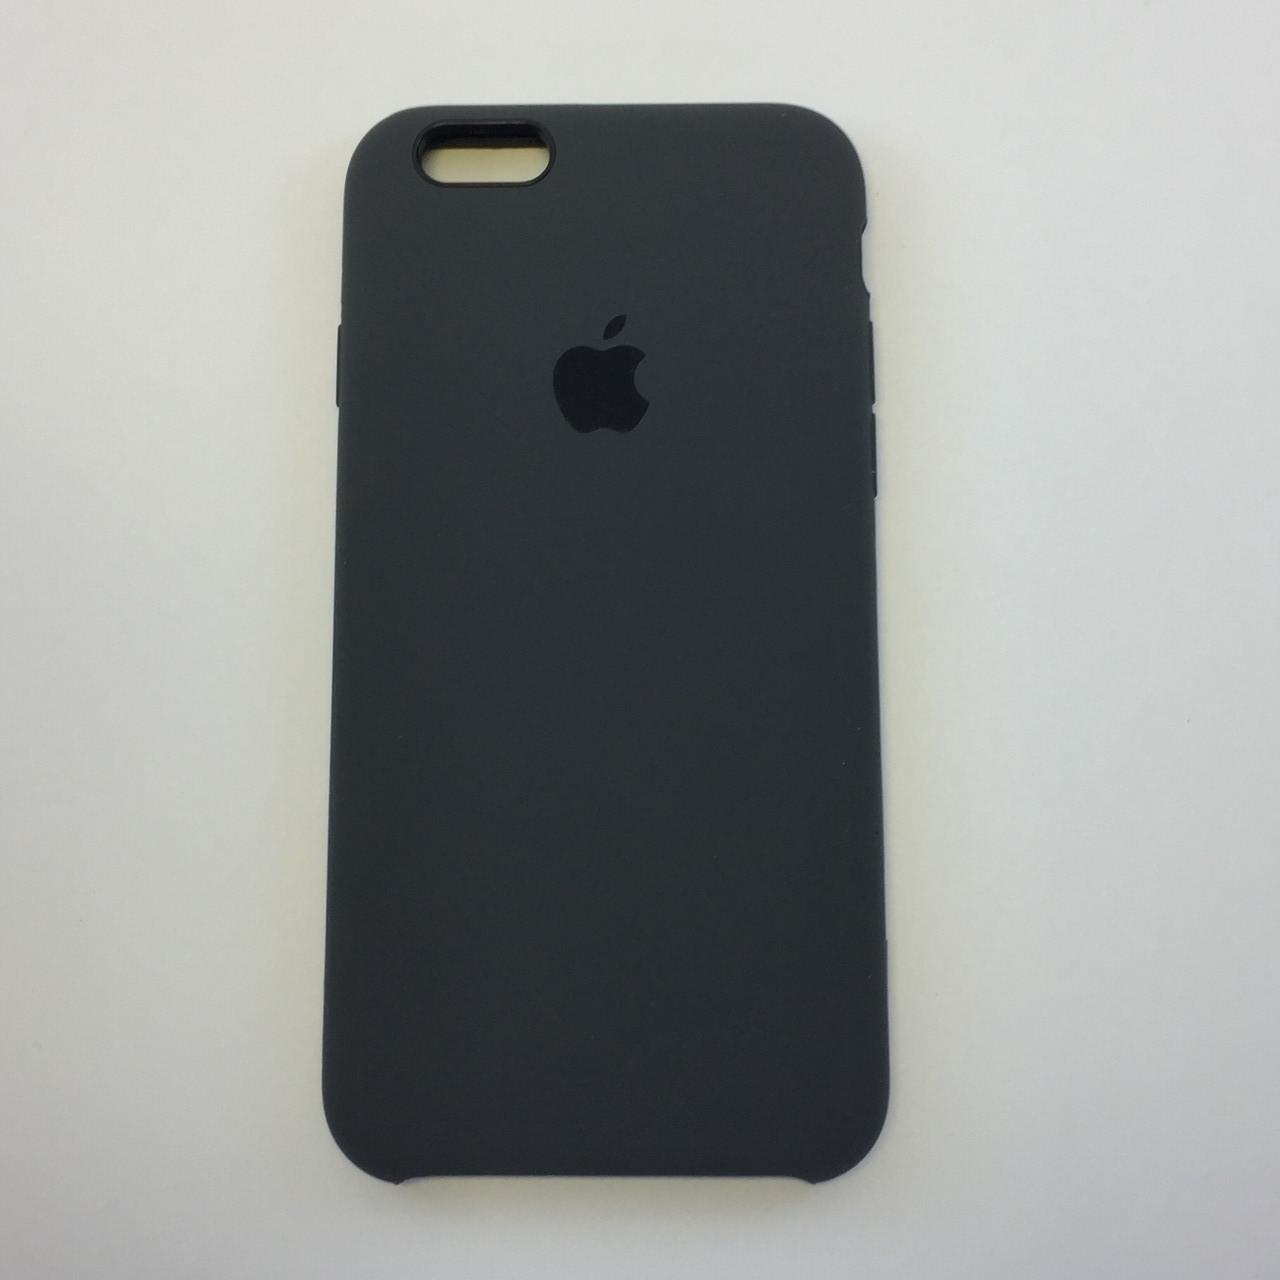 Силиконовый чехол для iPhone 5/5s/SE, - «мокрая галька» - copy original